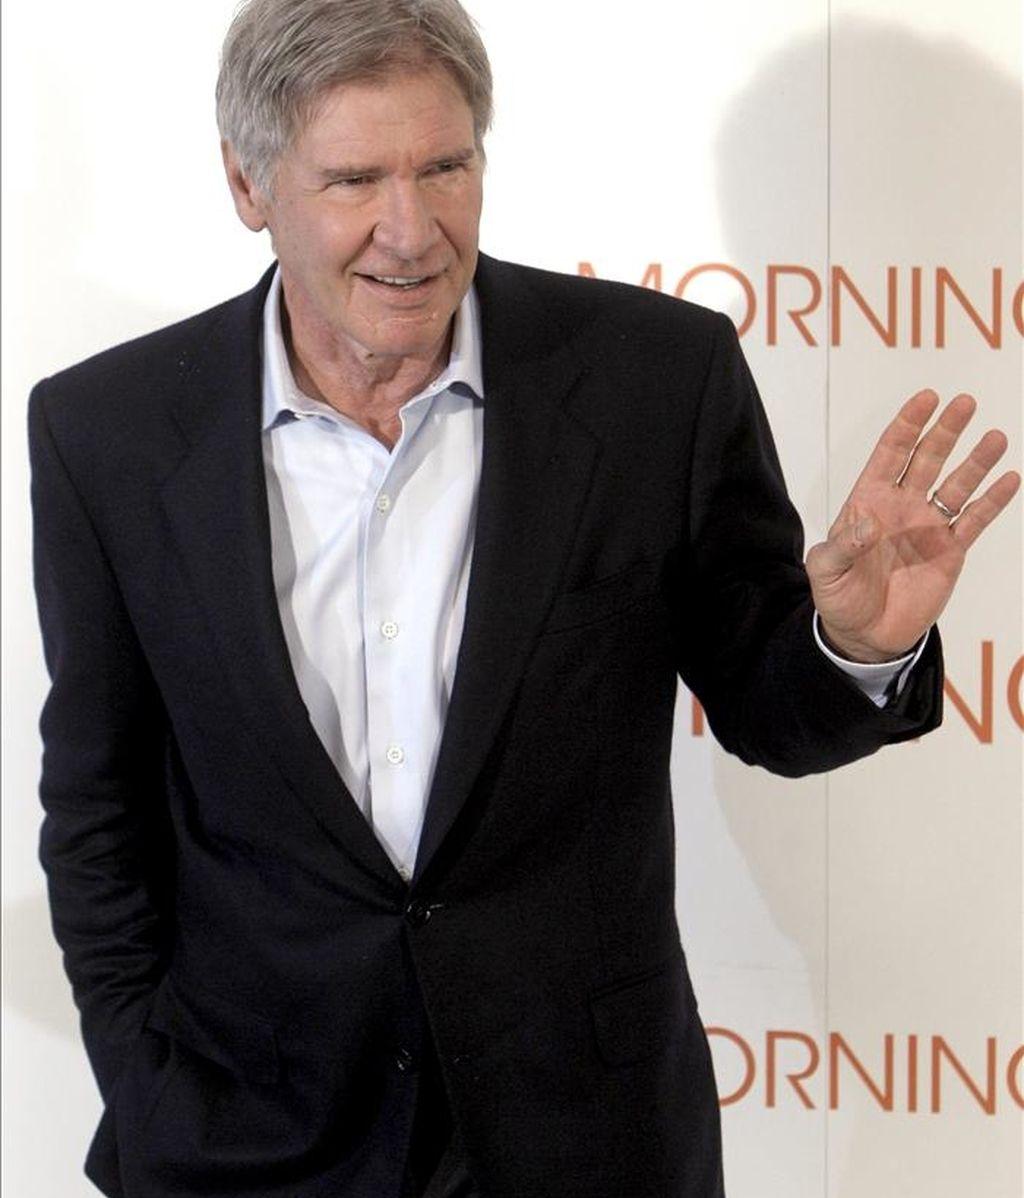 """El actor estadounidense Harrison Ford, durante la presentación de """"Morning Glory"""", un filme en el que saca a relucir sus menos conocidas habilidades cómicas bajo las órdenes del director de """"Notting Hill"""", Roger Michell, hoy en Madrid. EFE"""